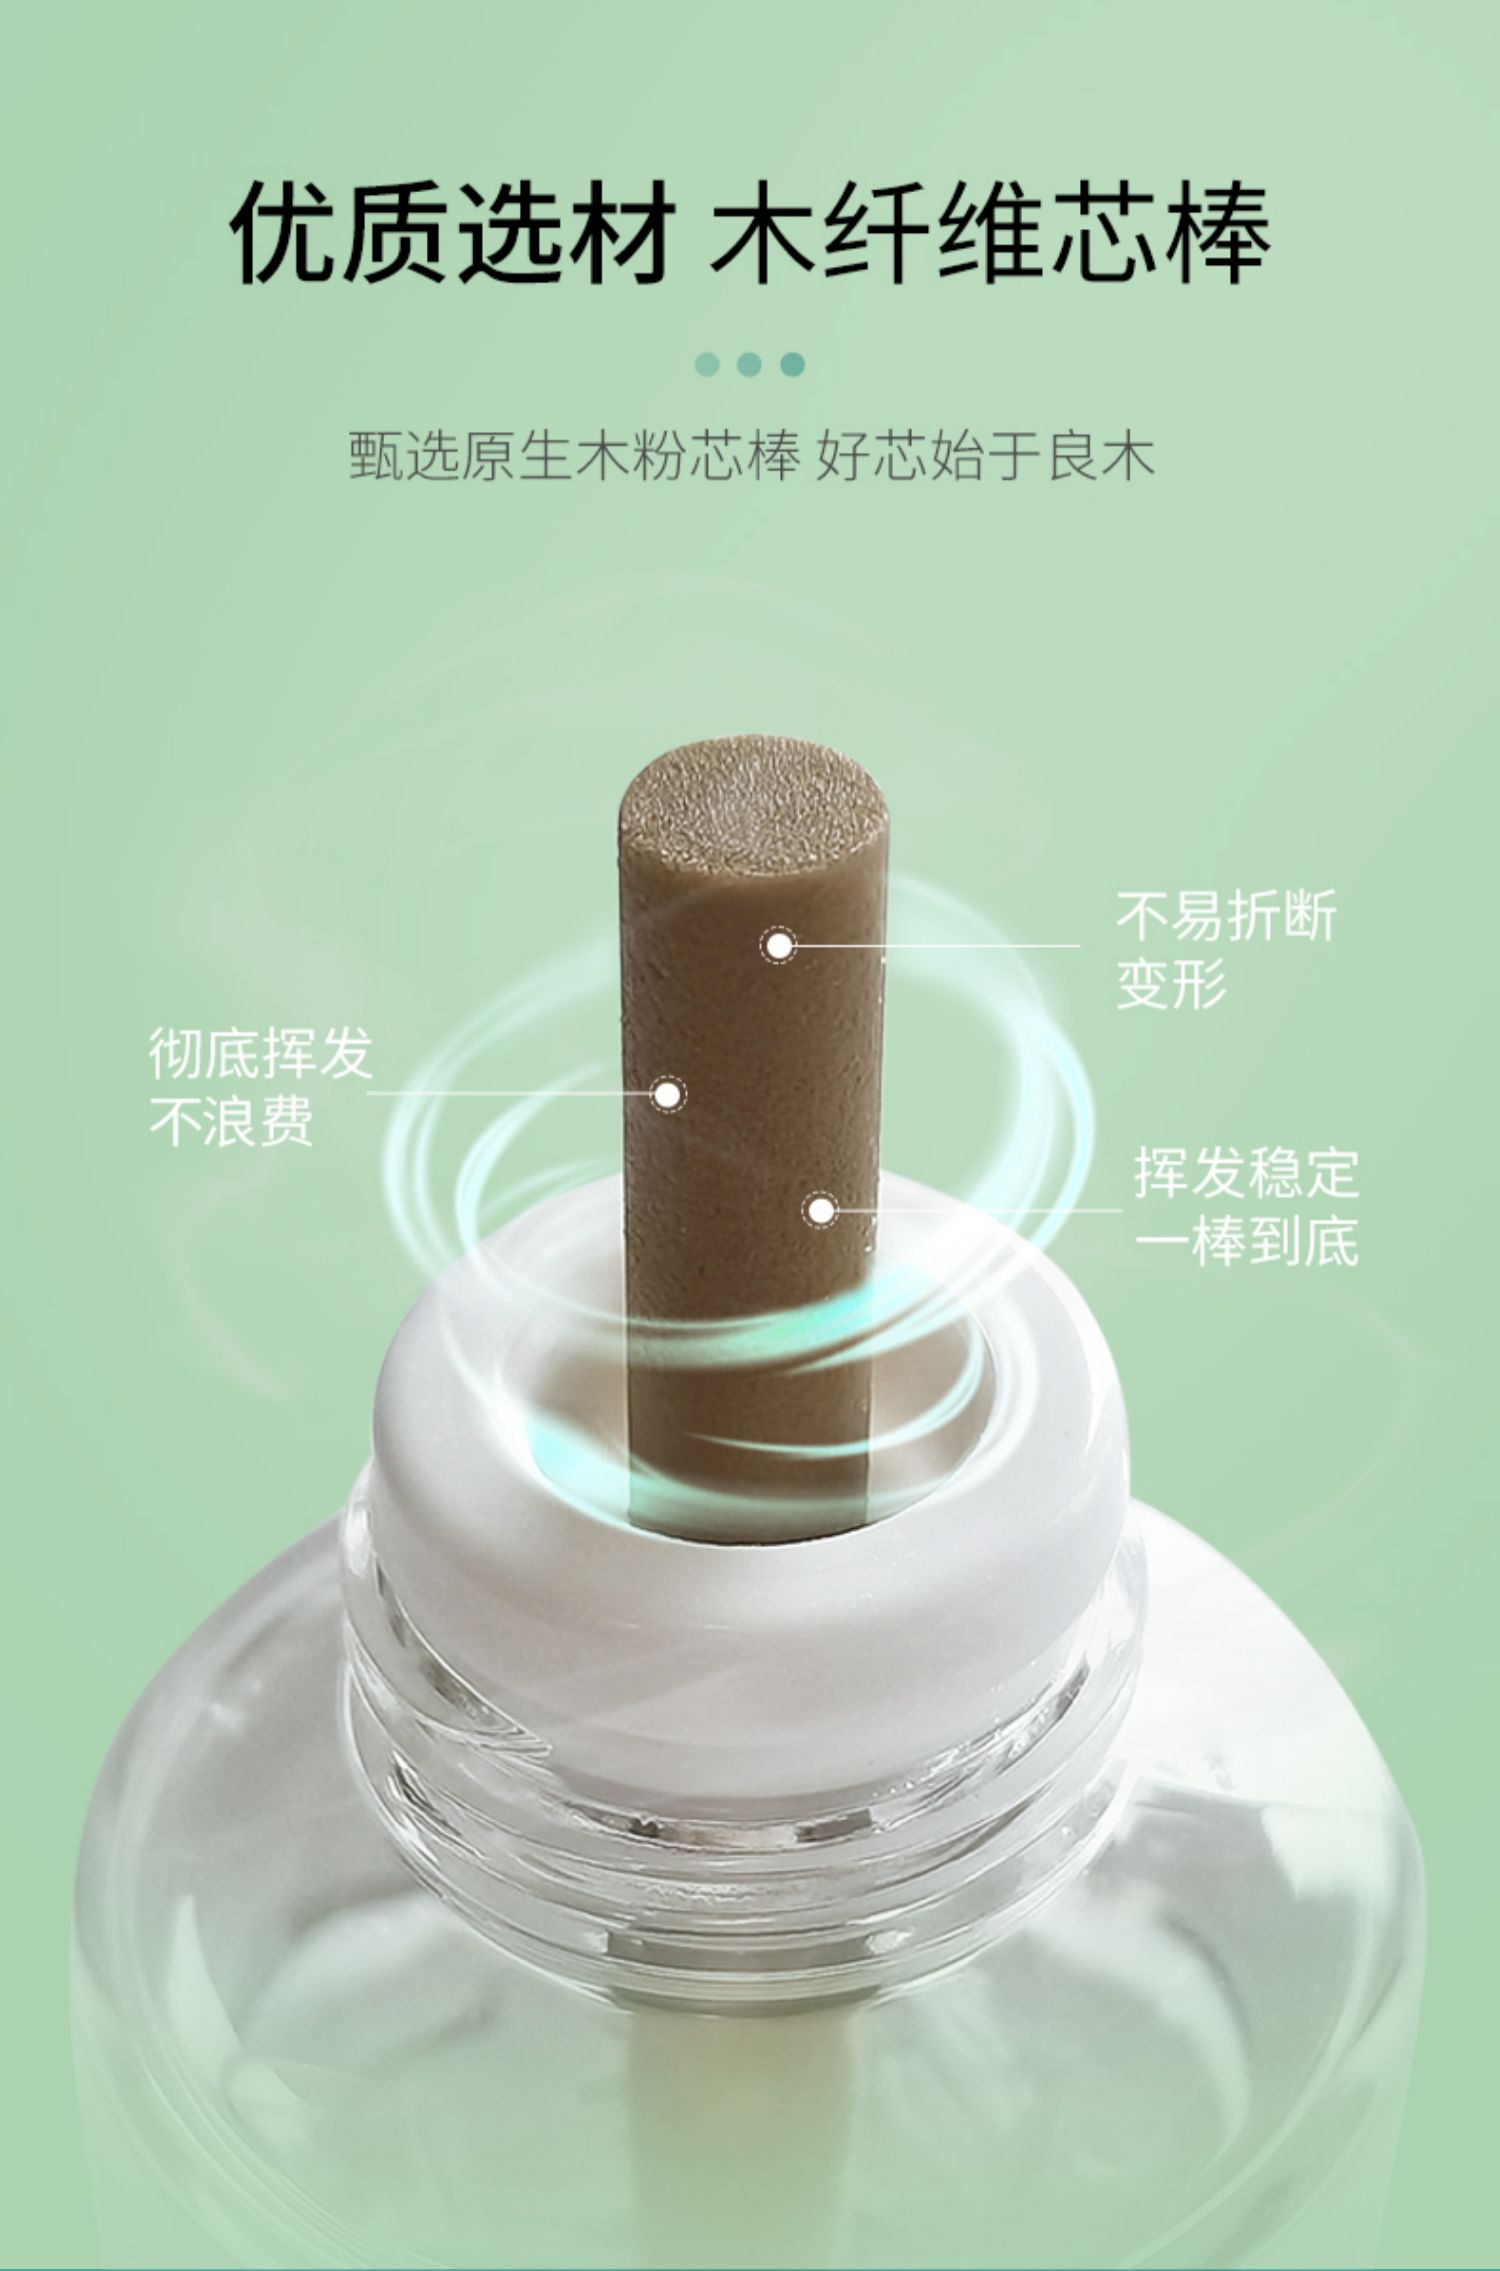 苏宁电热无味婴儿孕妇插电式蚊香液